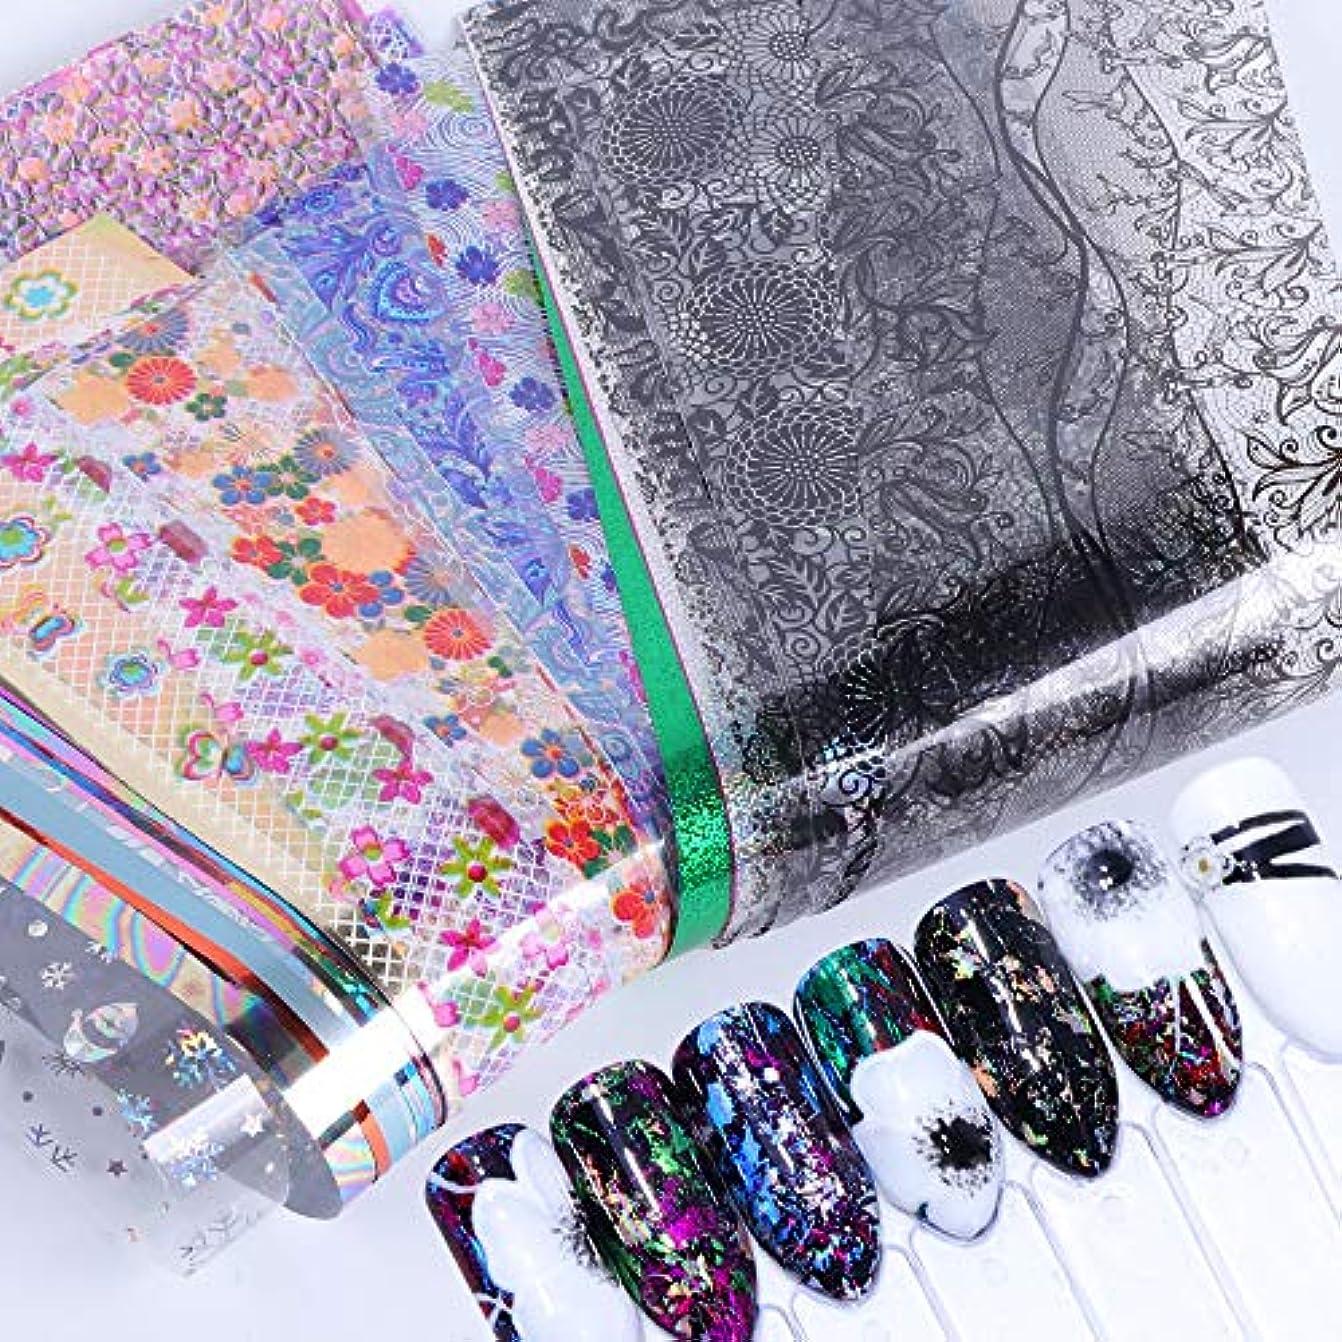 驚くばかりリズム主張する50個星空スカイスターズネイルアートステッカーのヒントラップ箔転写接着剤グリッターアクリルDIYの装飾(ランダムカラーパターン)